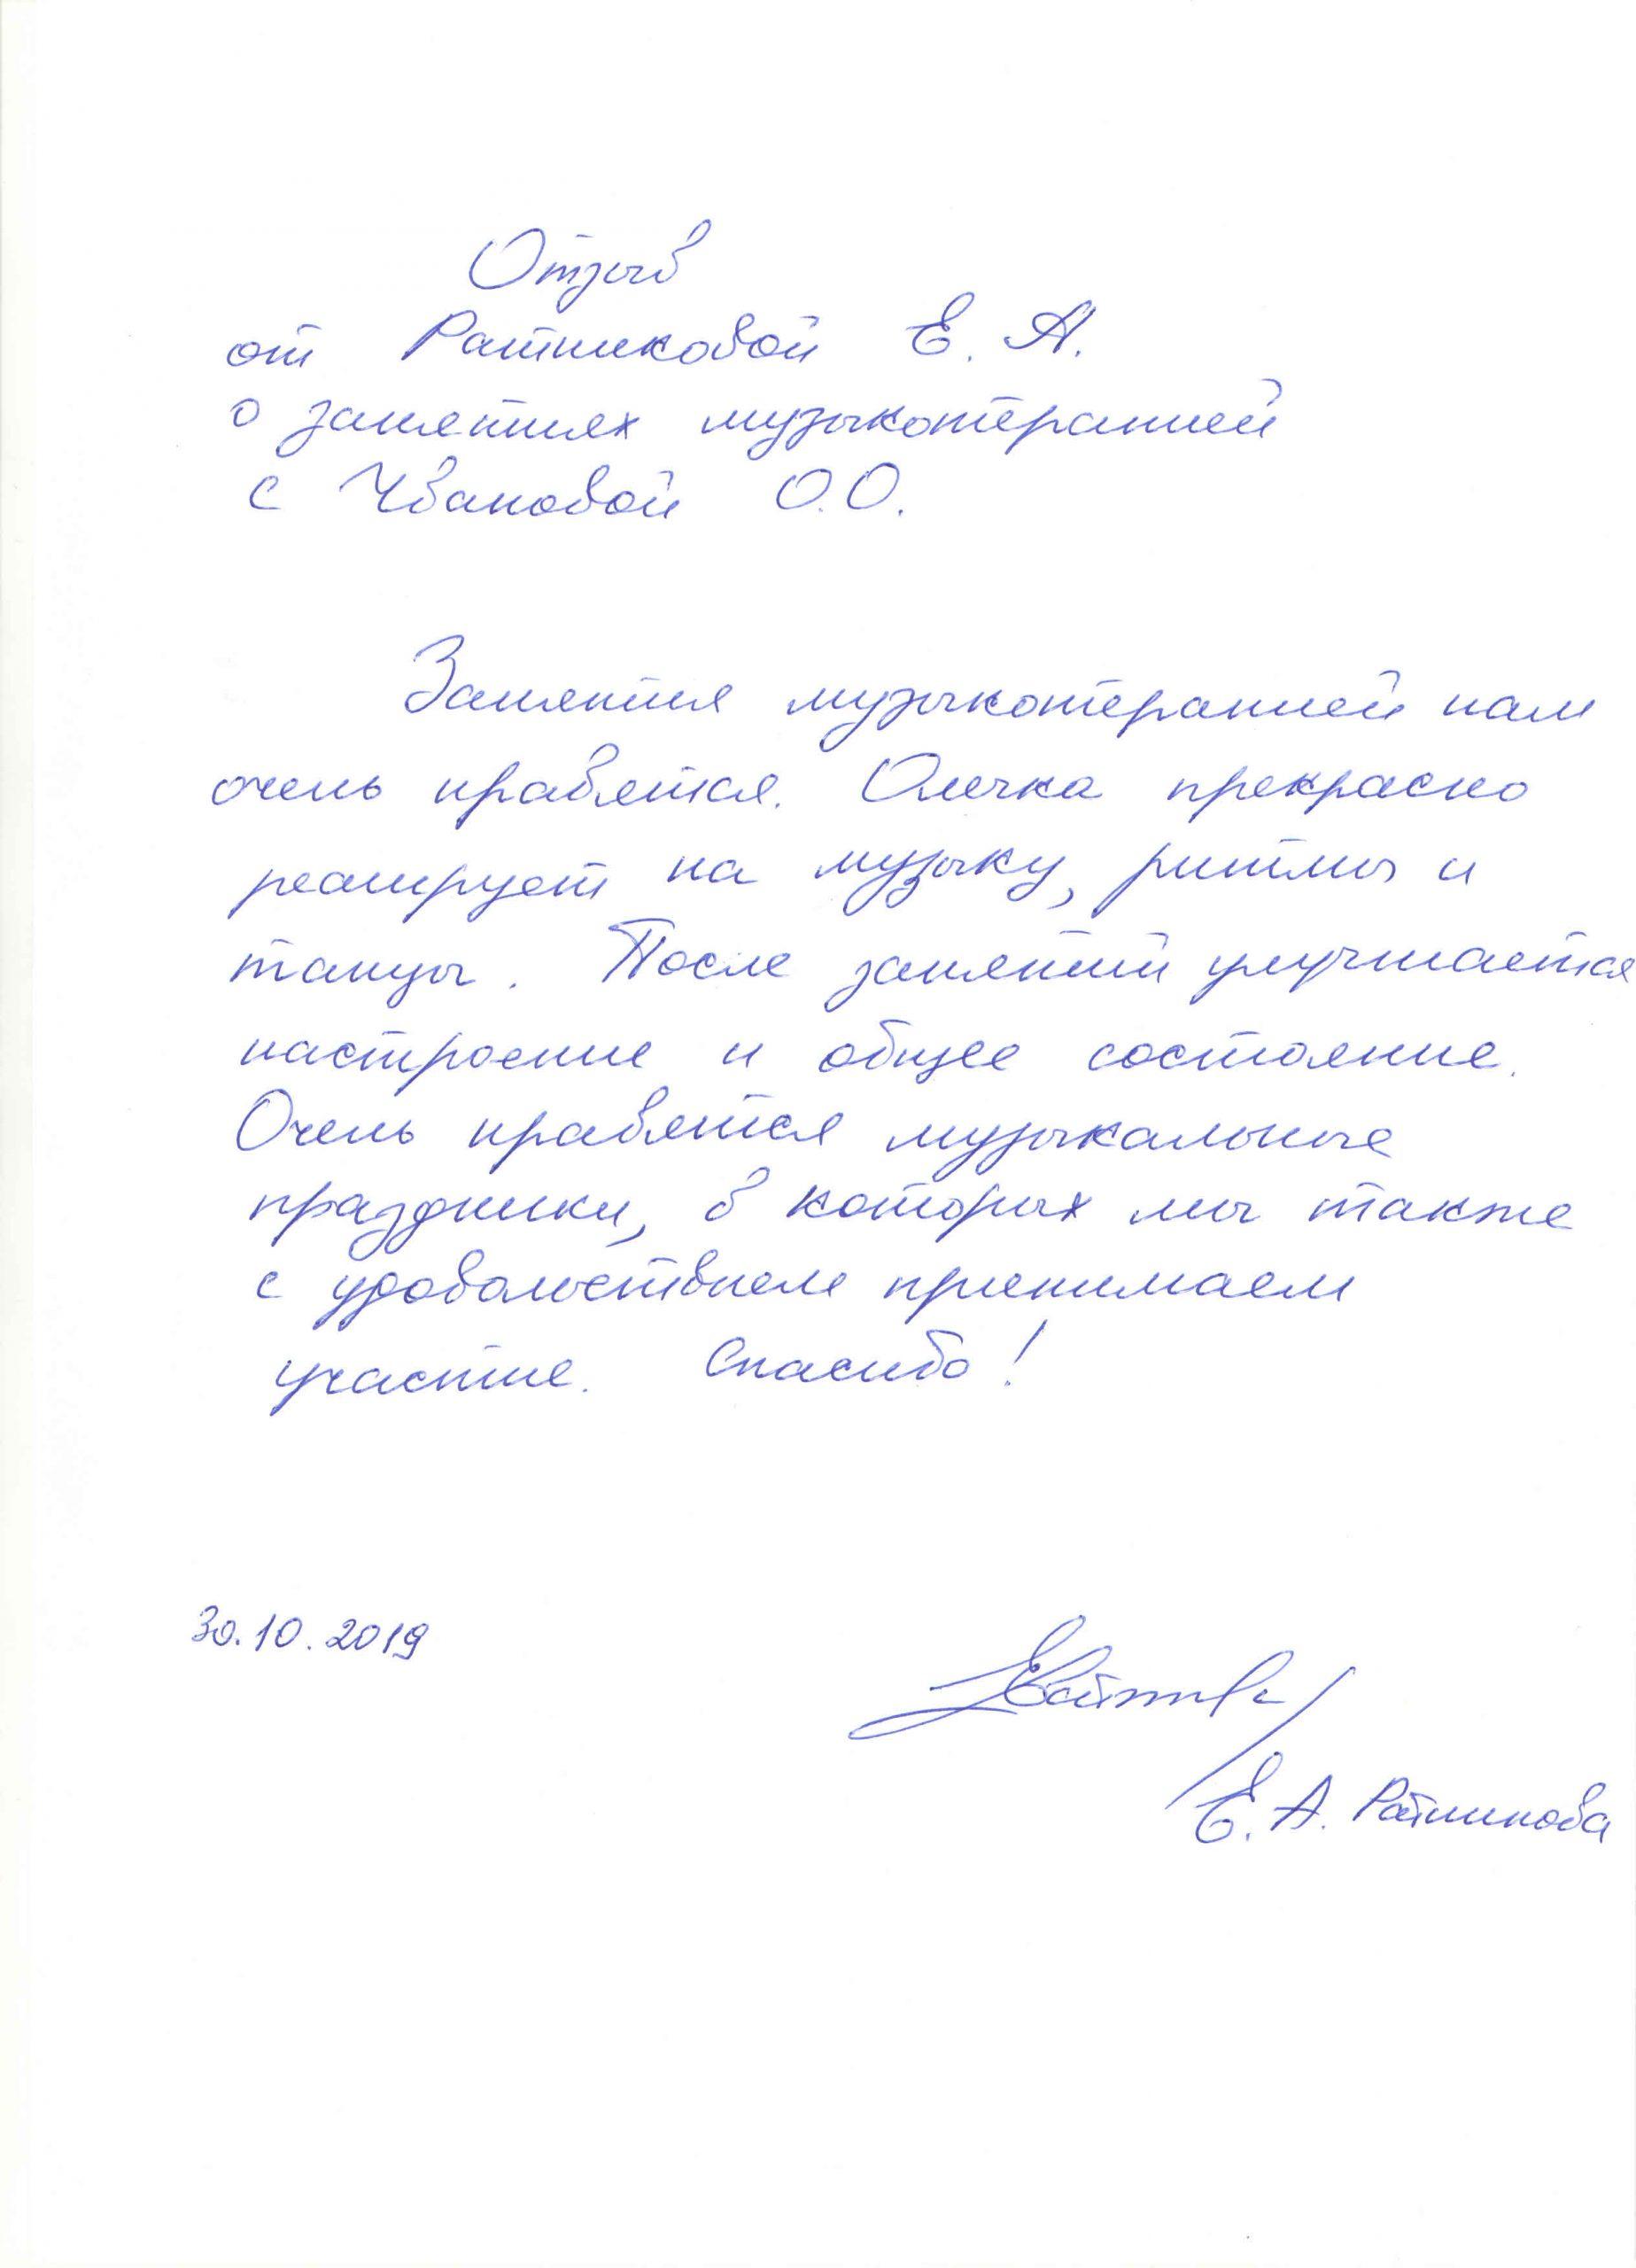 Чванова, 30.10.2019